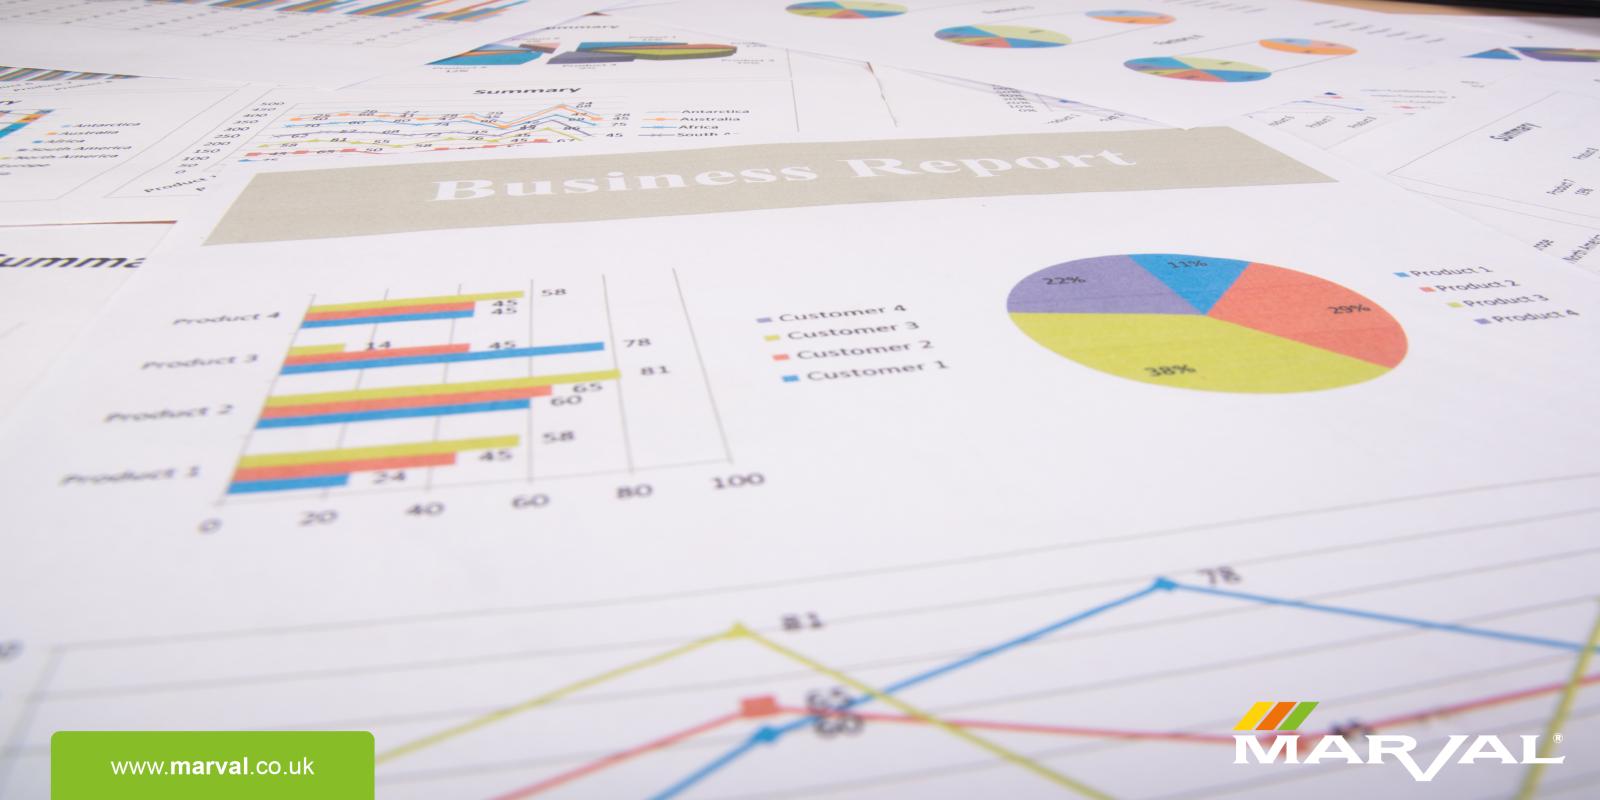 ارزیابی بلوغ فرآیند و گزارشهای مدیریتی